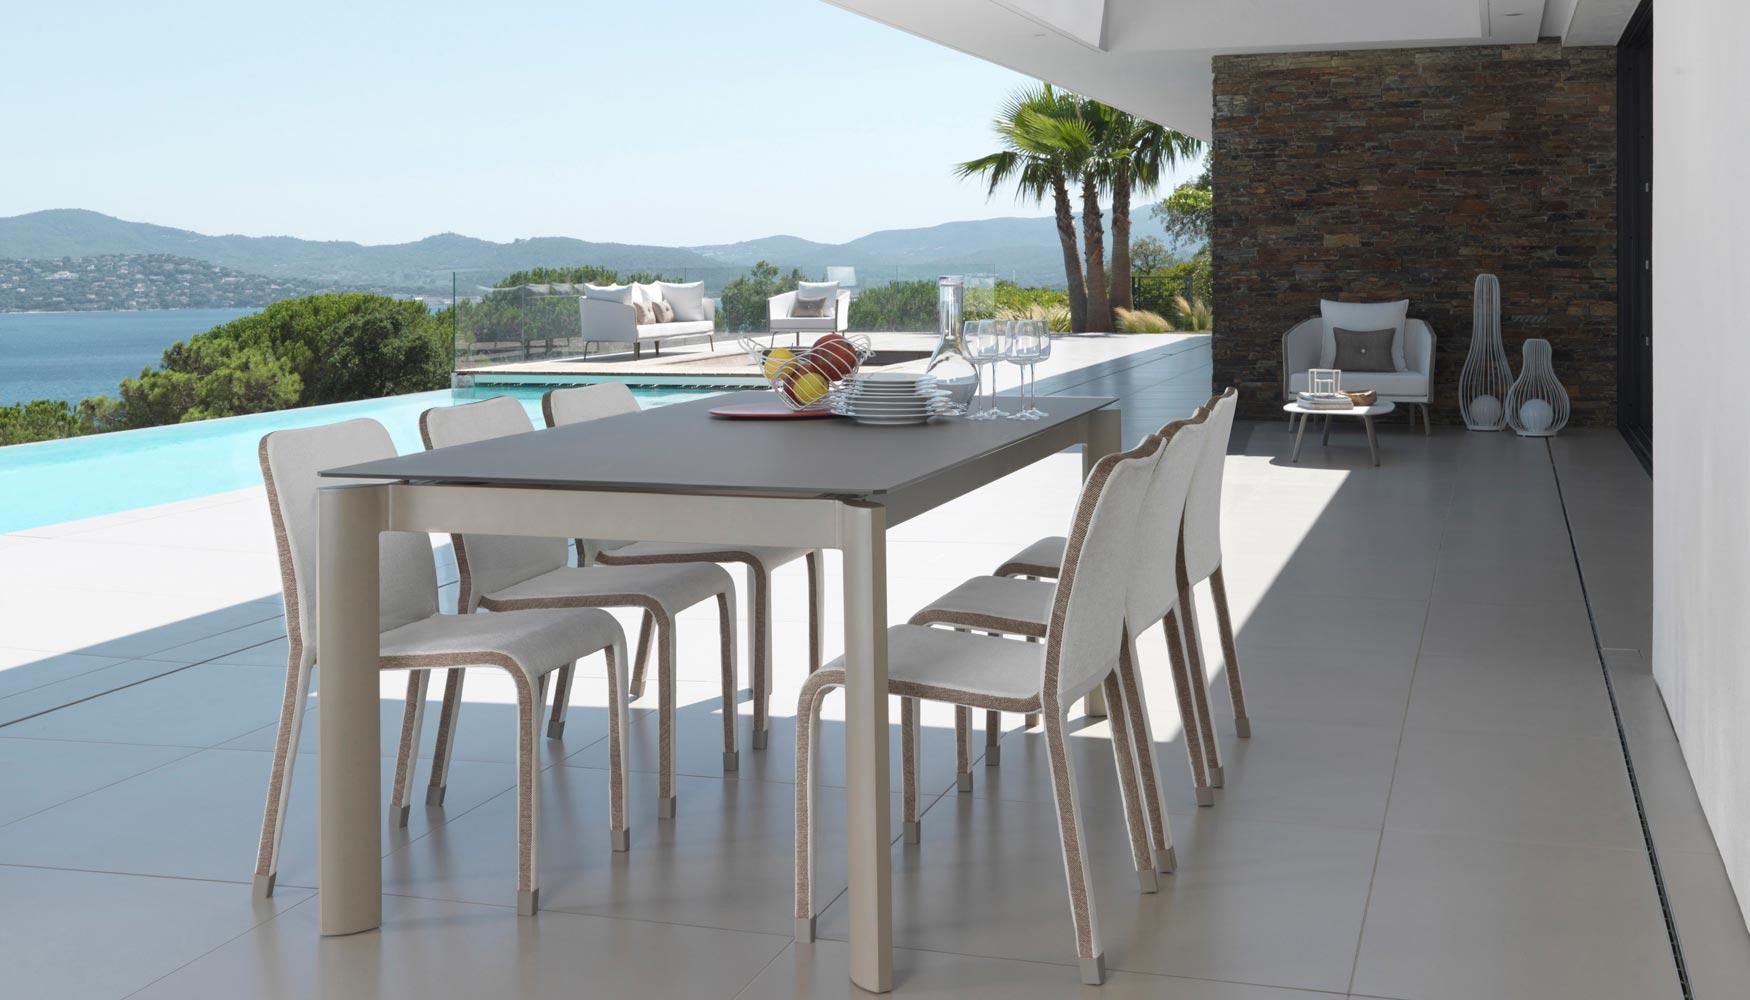 Talenti outdoor living nuevo dise o para espacios Eden del mueble